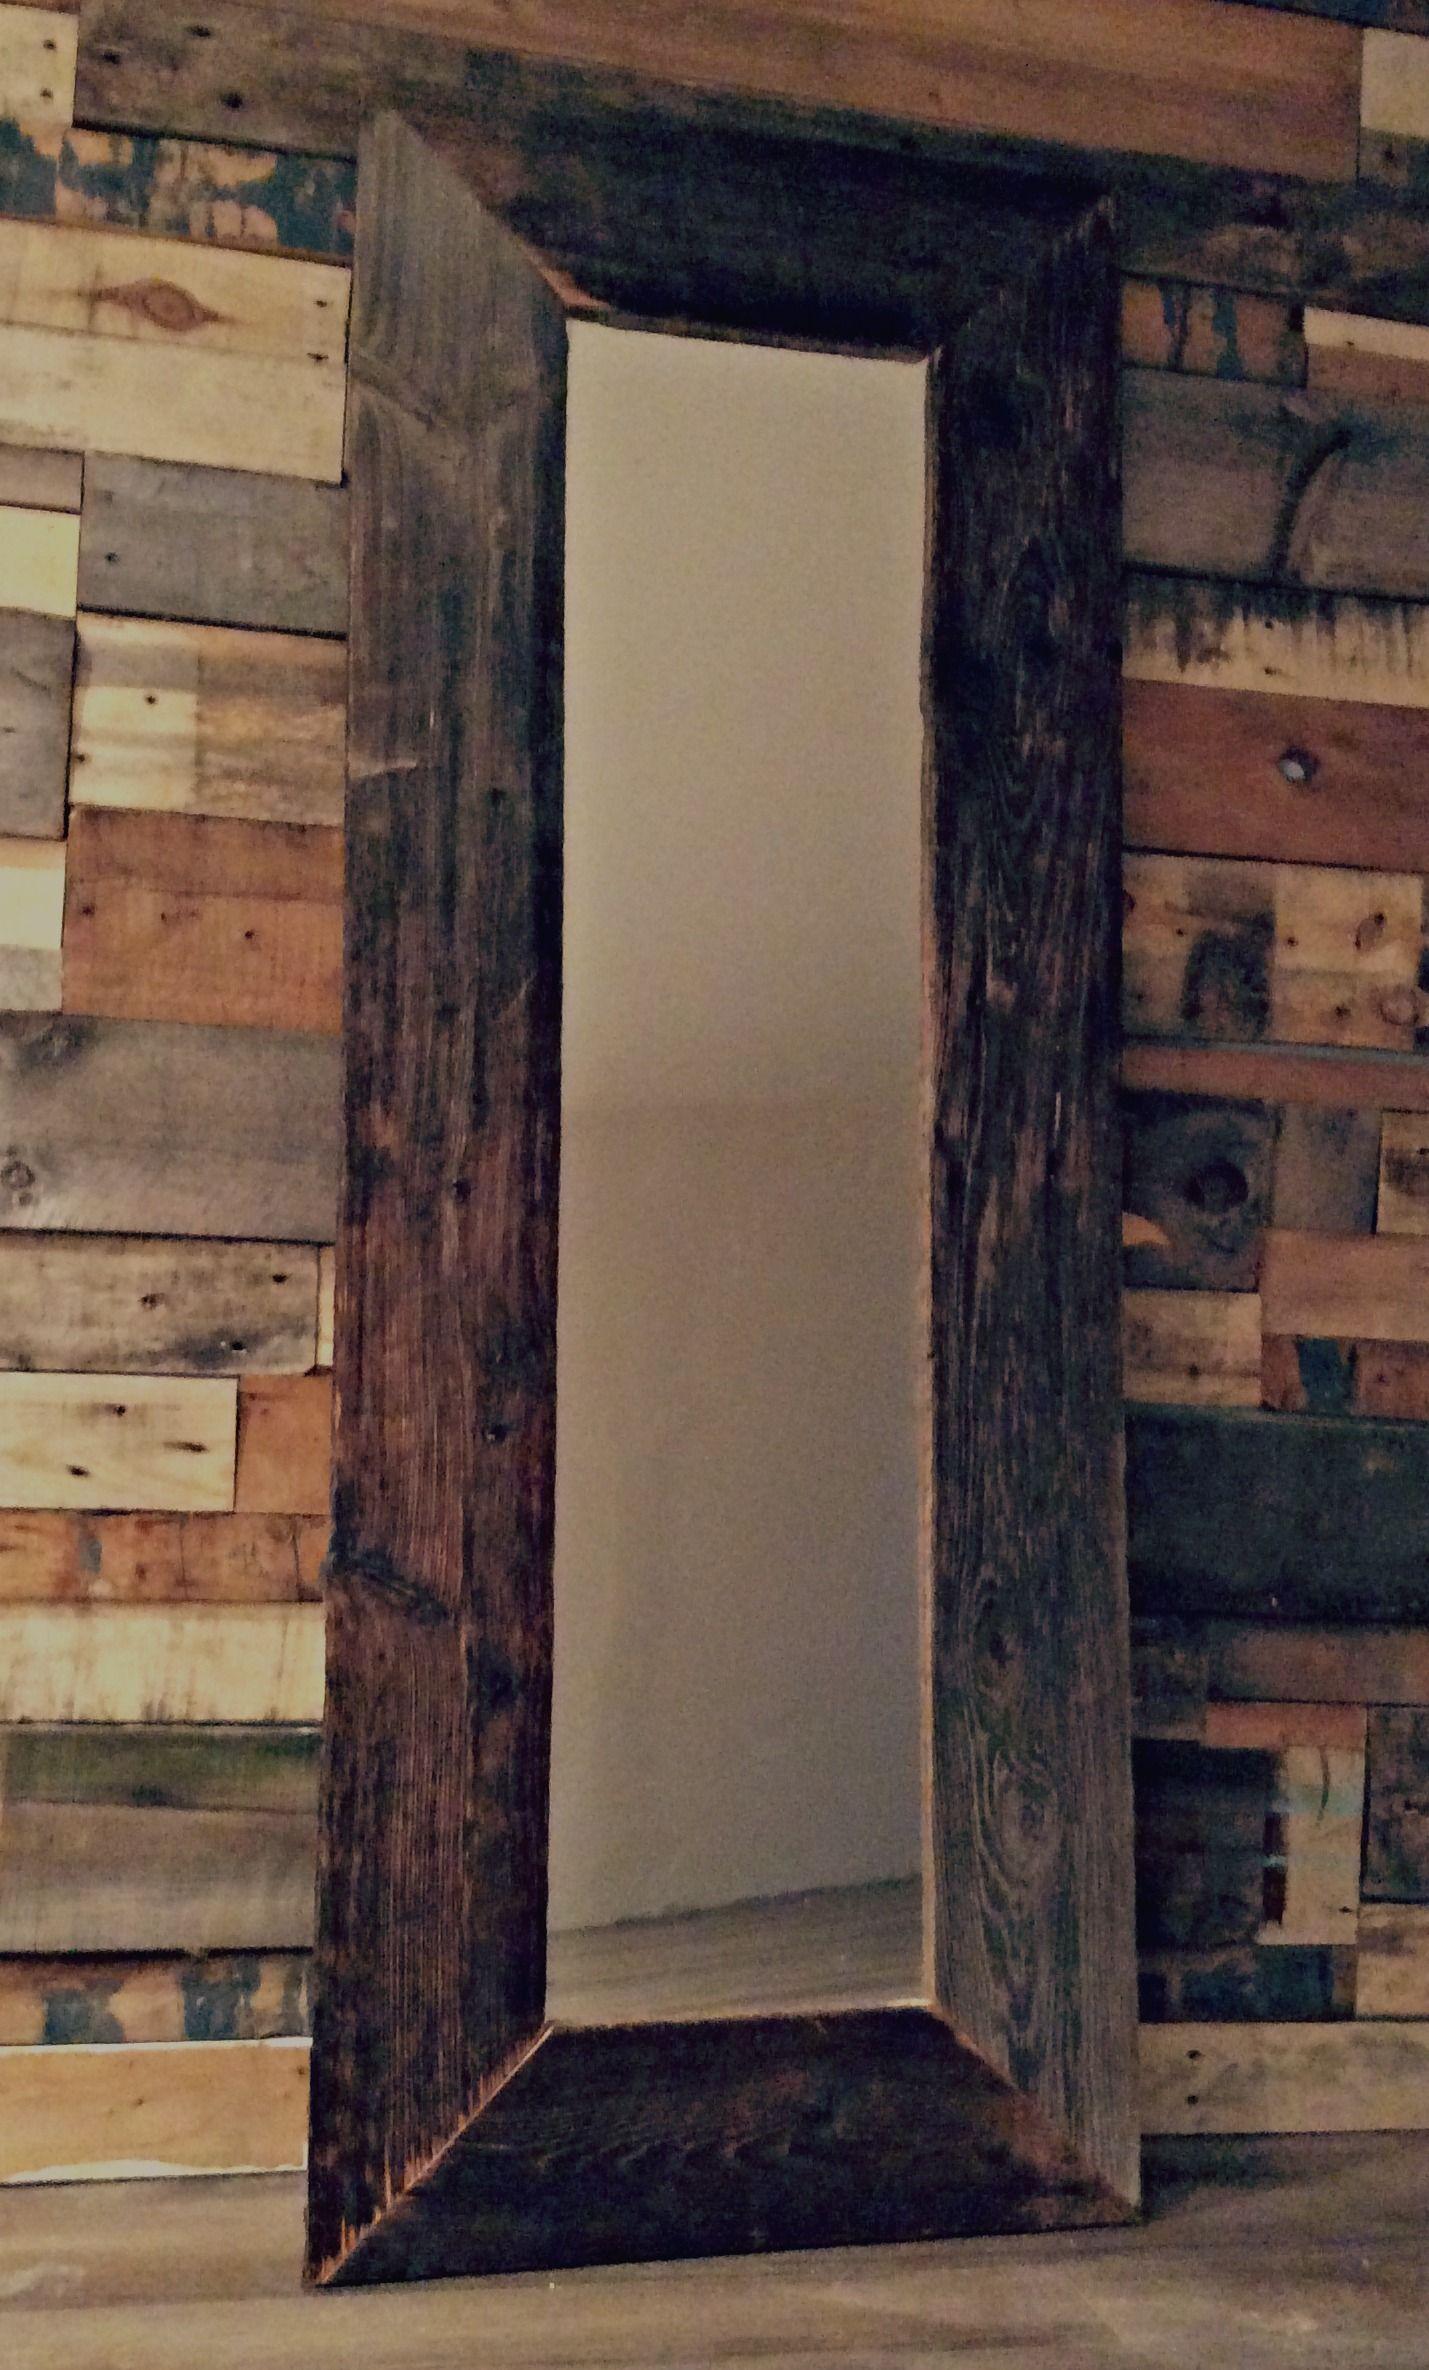 miroir en bois de grange mam 39 artiste blogue diy new maison pinterest miroir bois. Black Bedroom Furniture Sets. Home Design Ideas